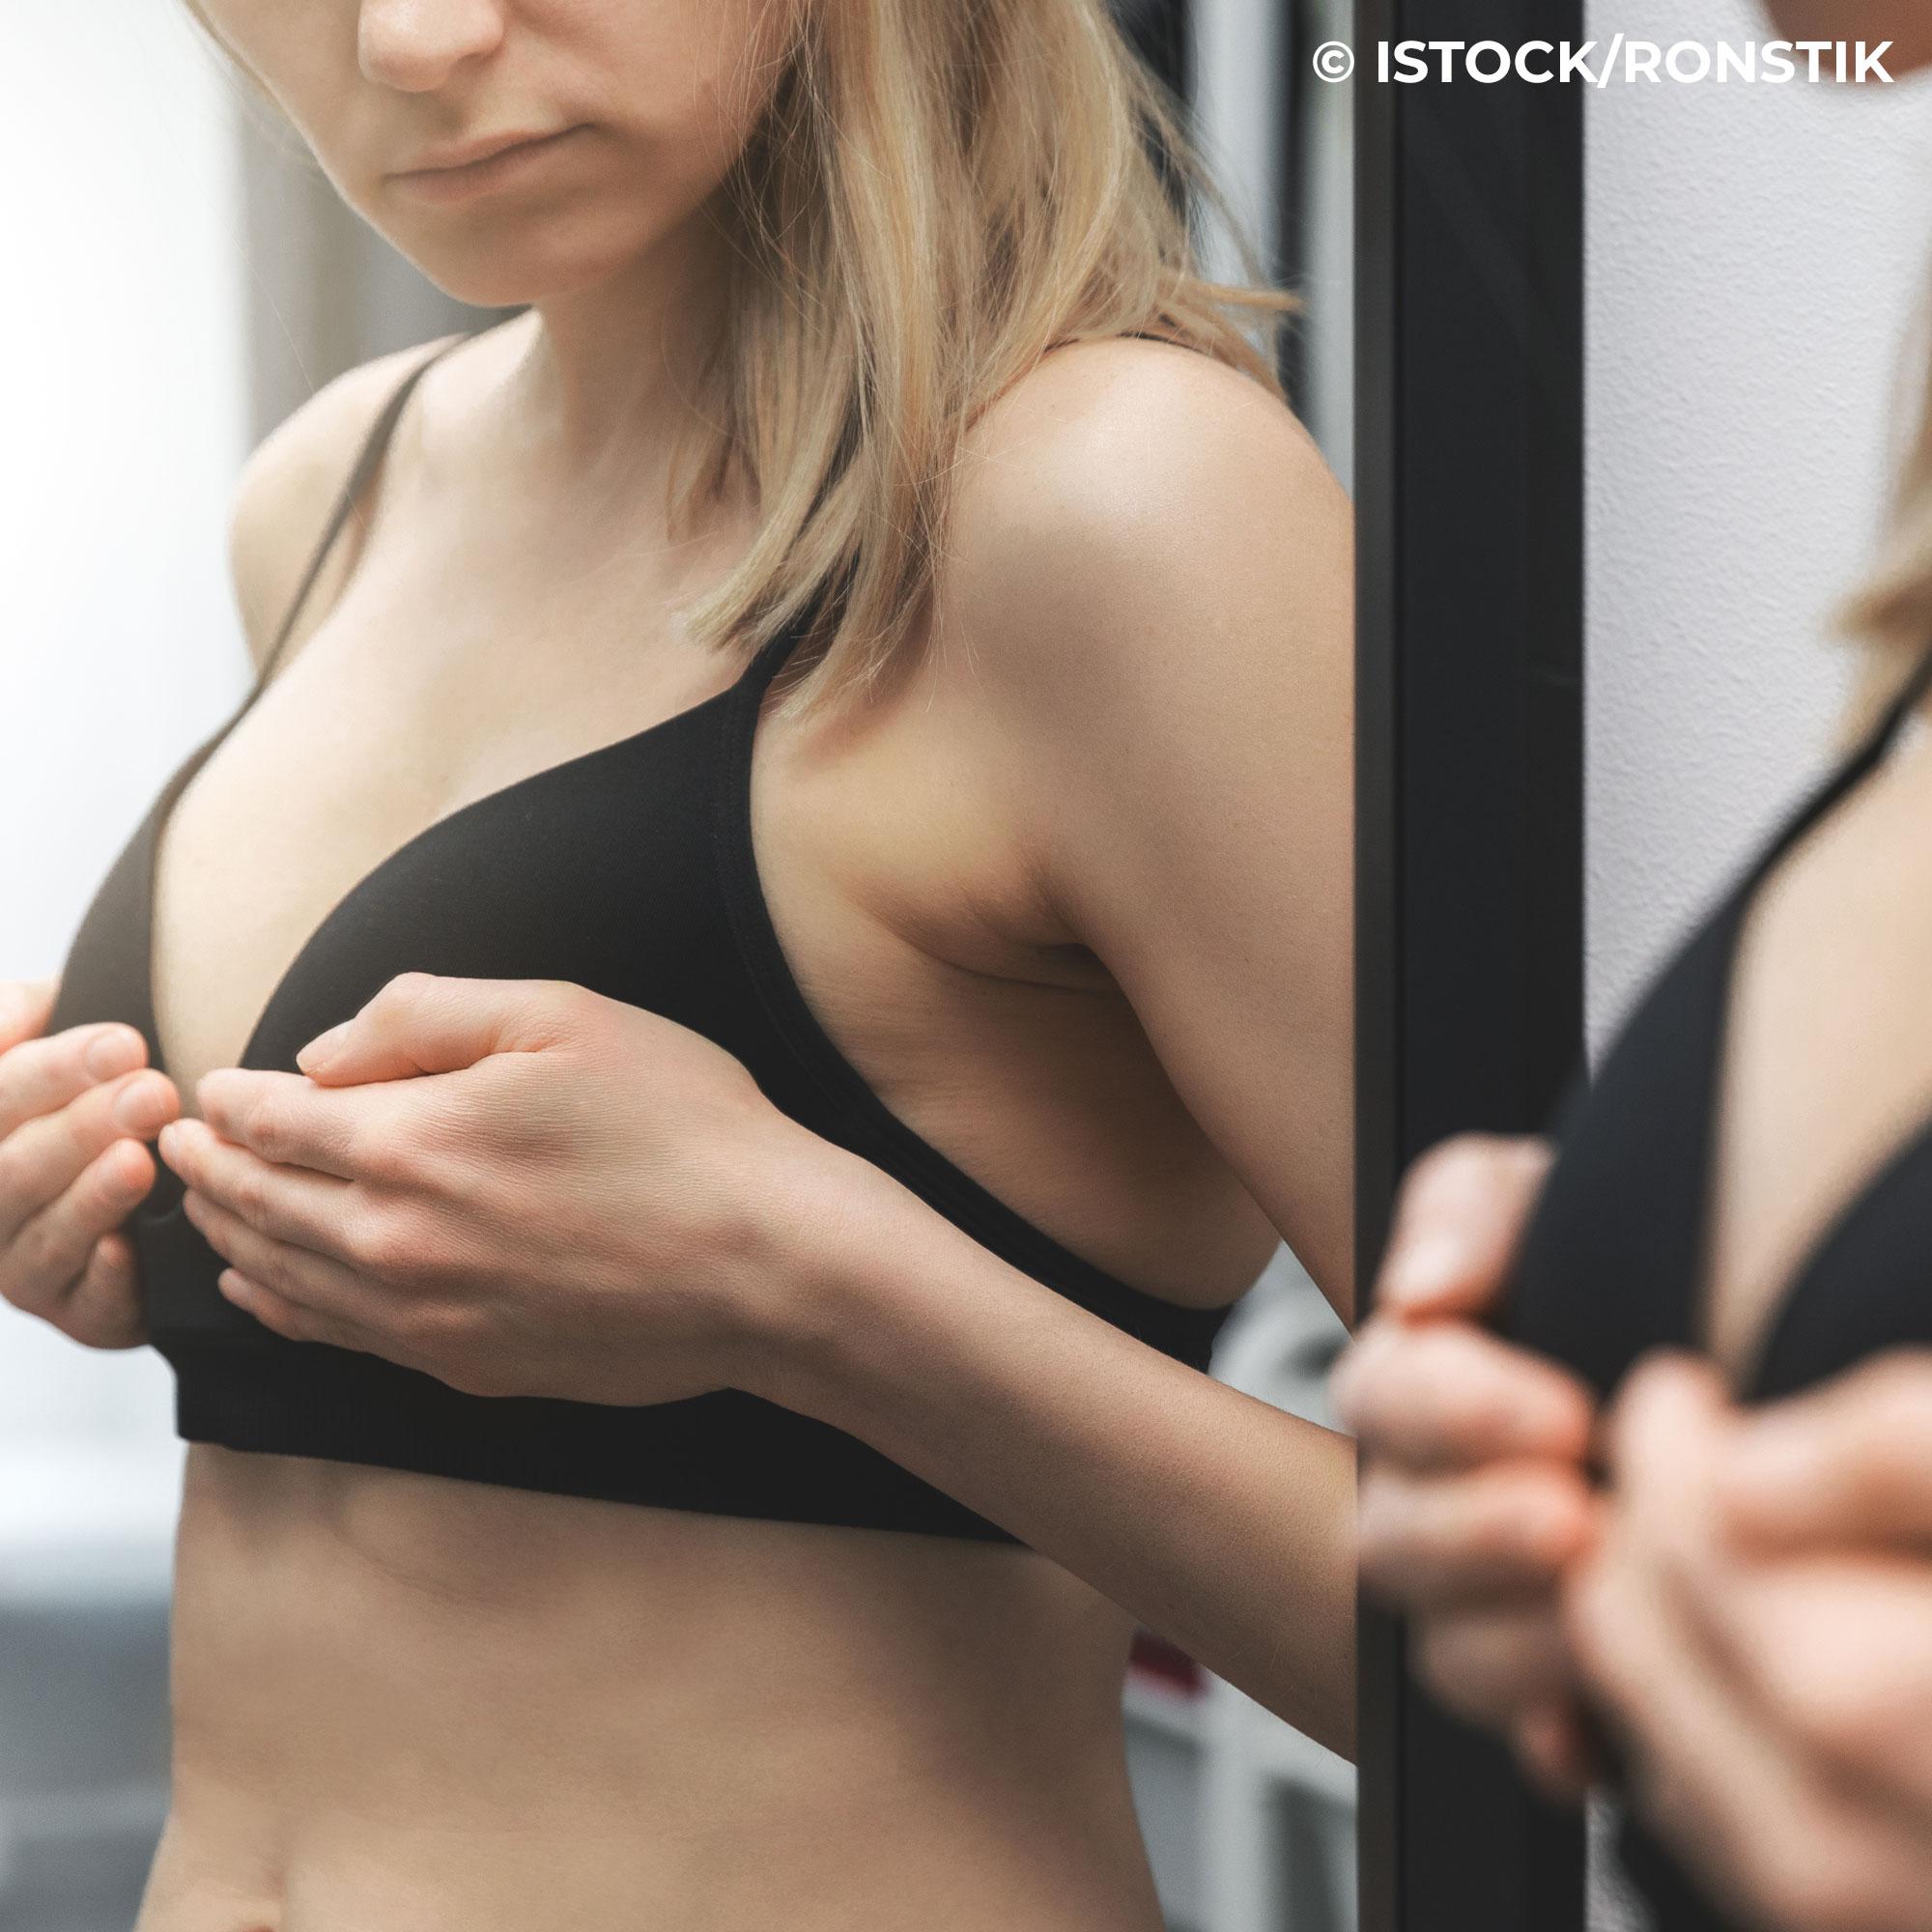 Frau betrachtet ihre Brust kritisch im Spiegel